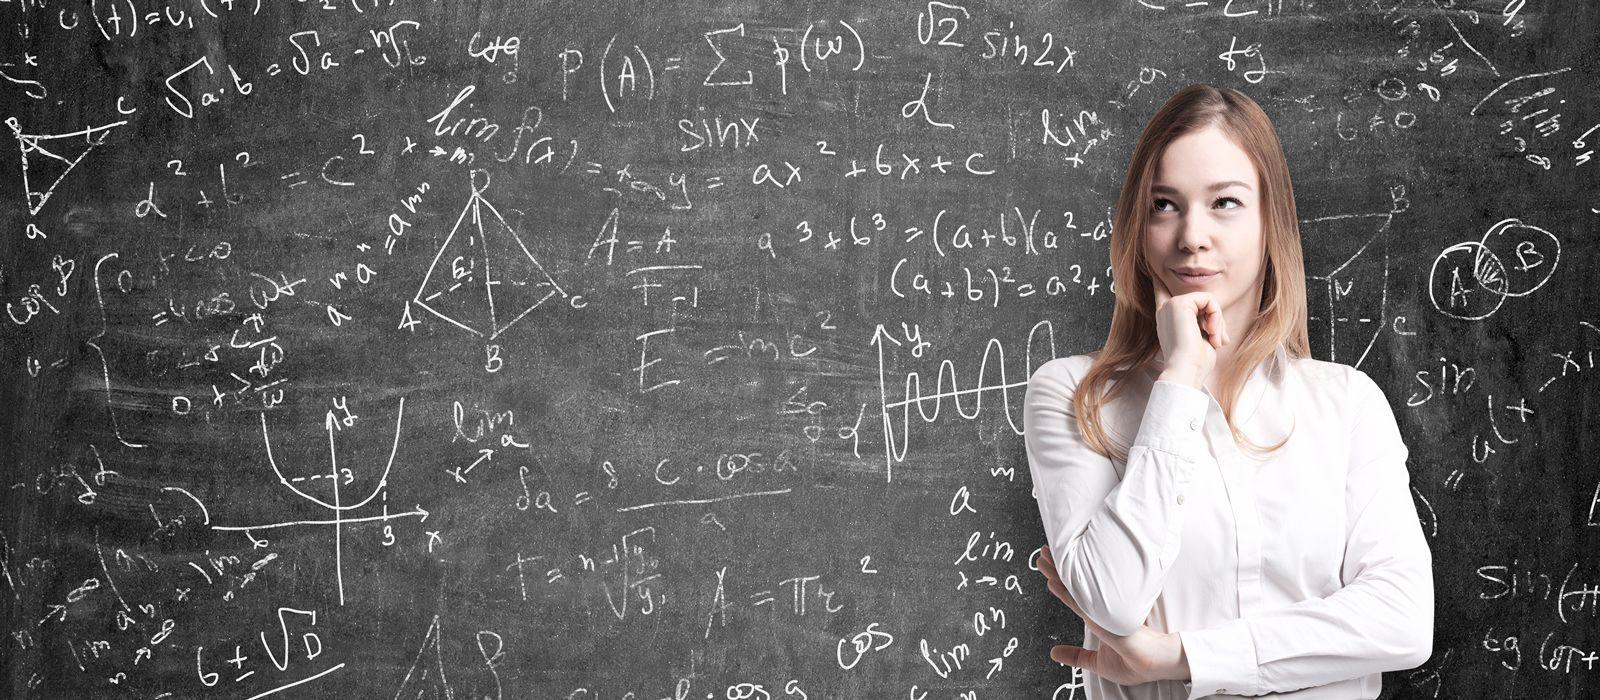 لماذا ندرس الرياضيات Internet Security Social Science Mathematics